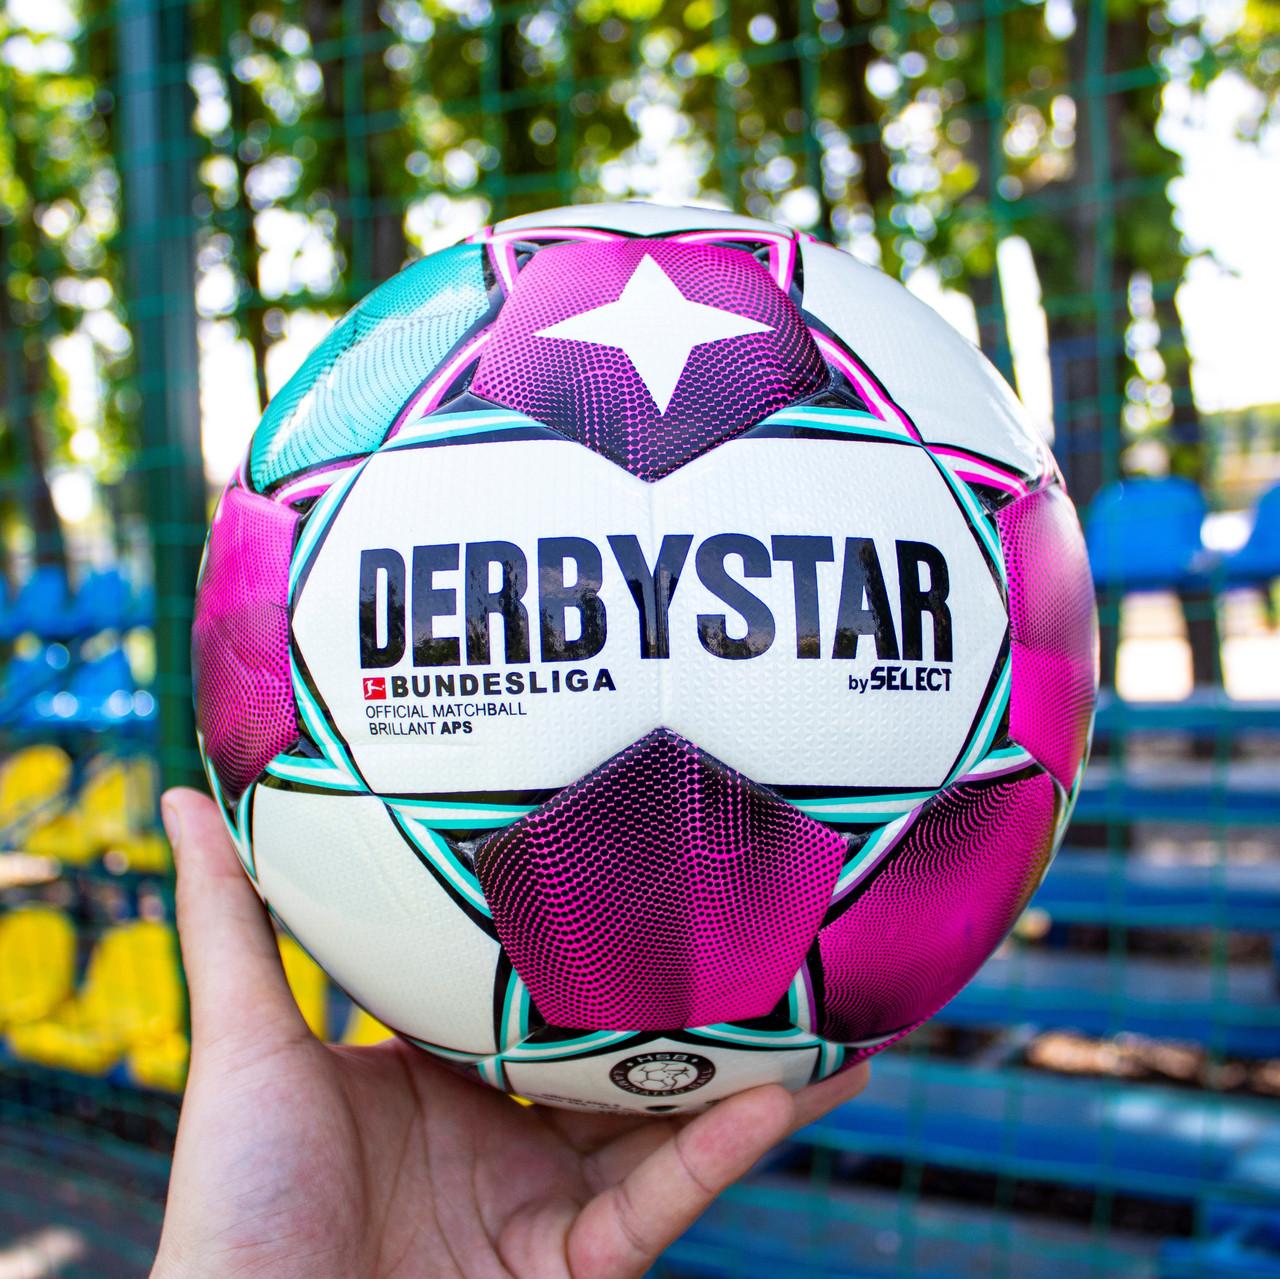 Футбольный мяч Derbystar Bundesliga Brilliant APS